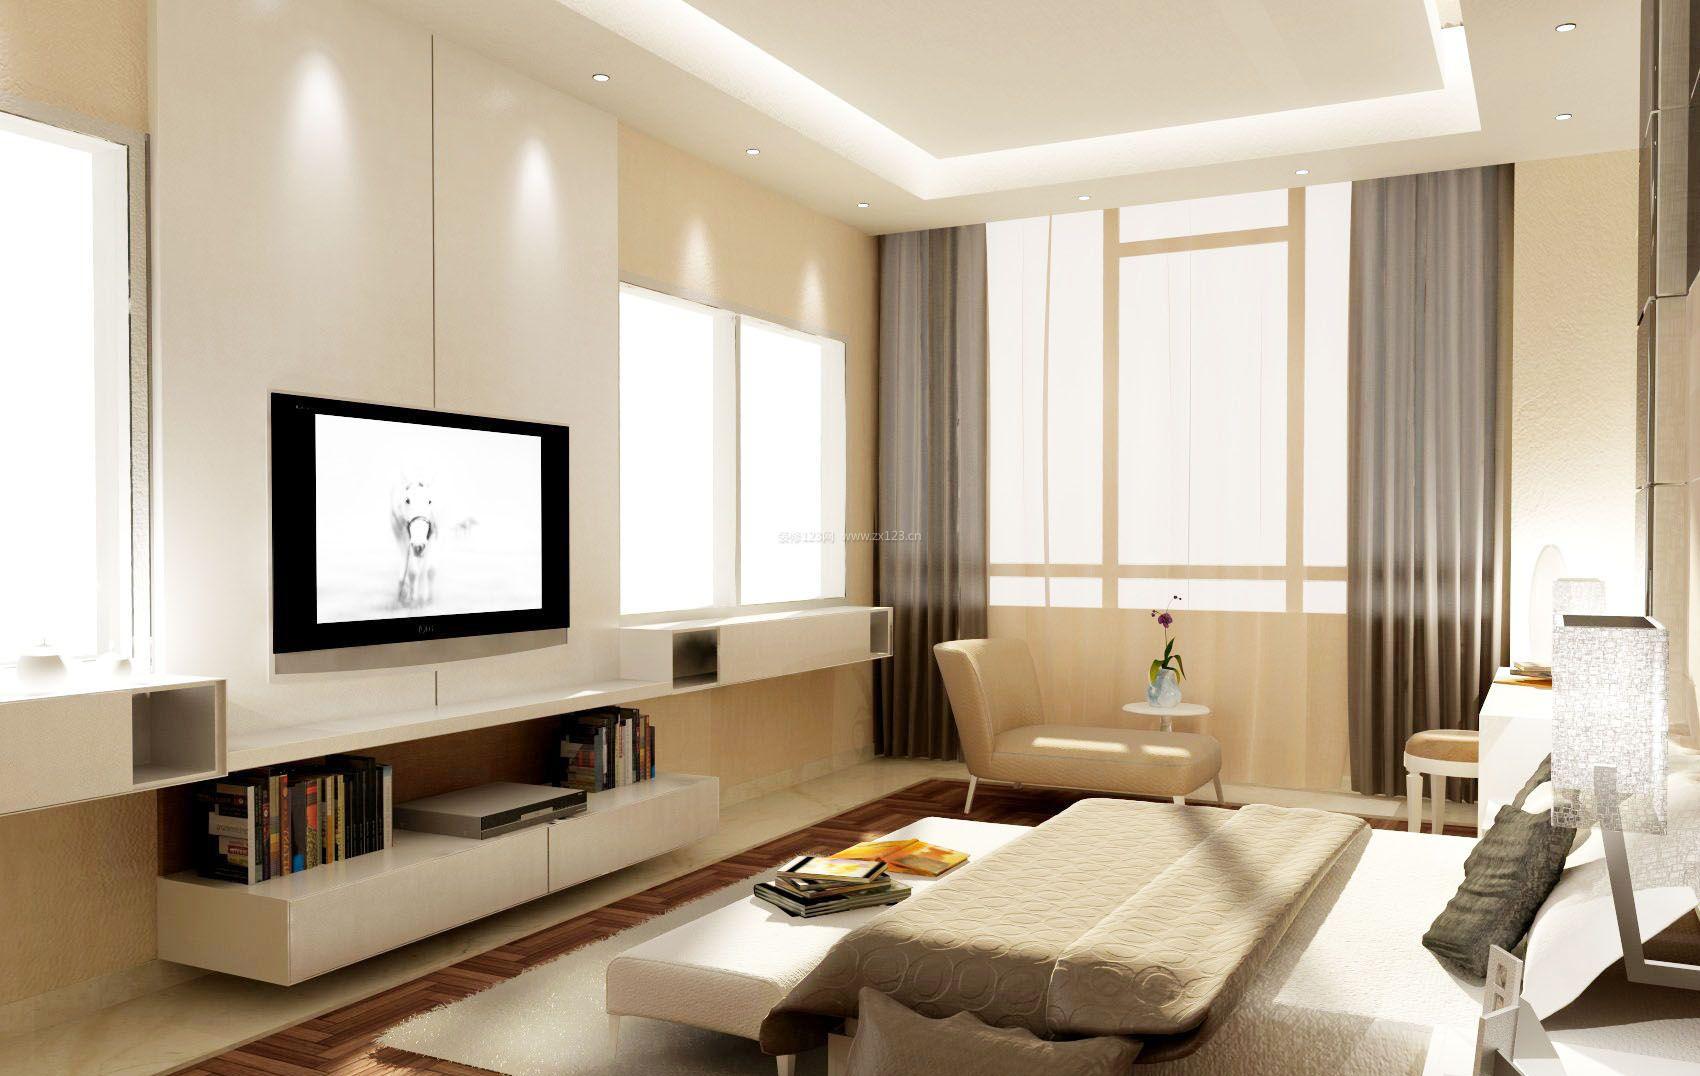 简约电视背景墙装饰柜设计效果图